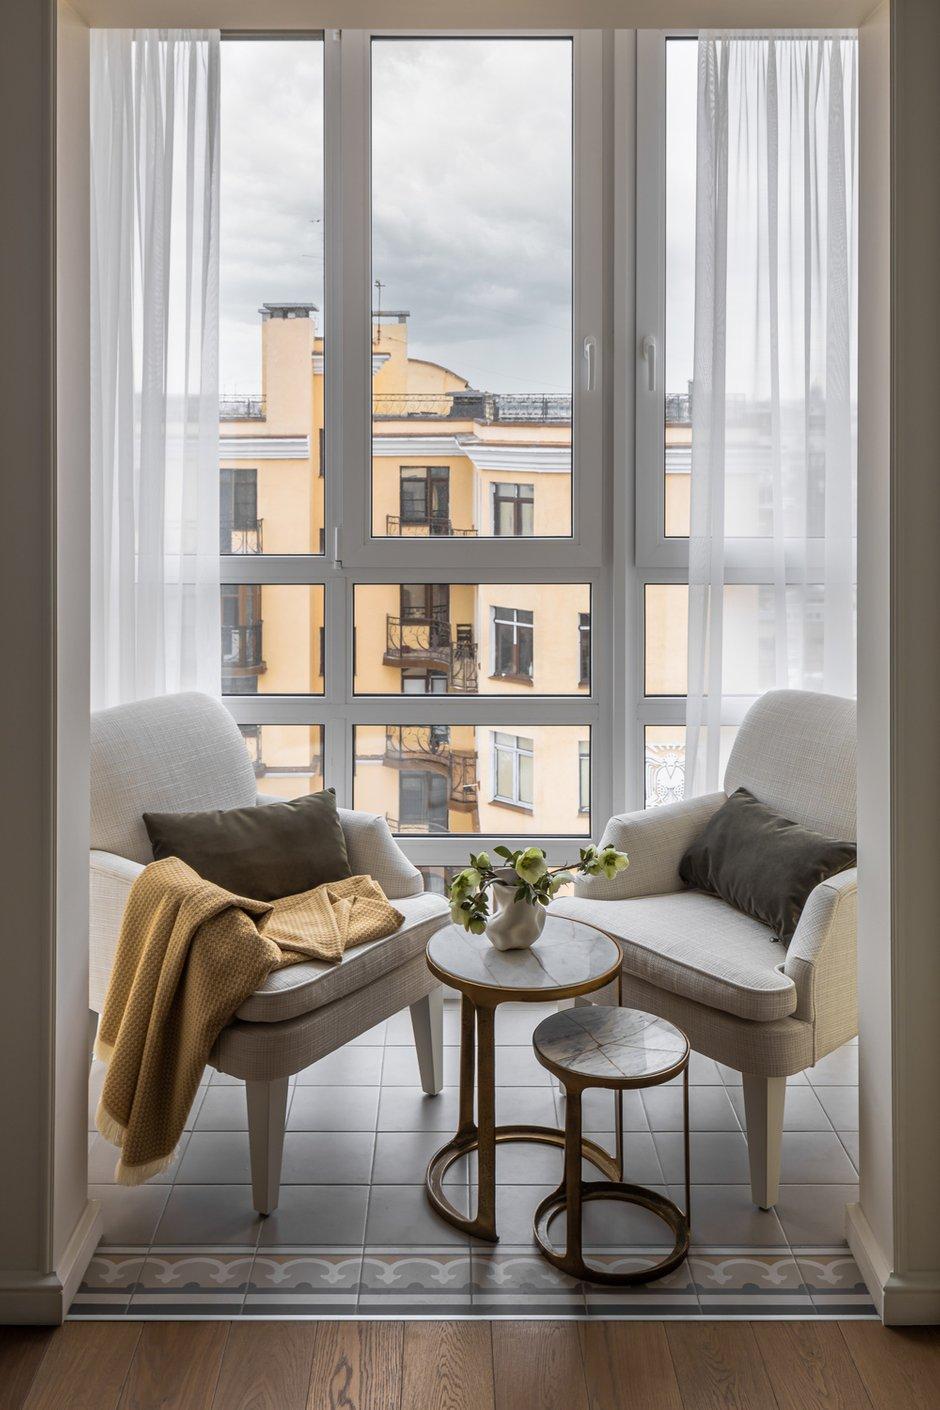 Балкон утеплили, положили плитку. Для зоны отдыха выбрали пару одинаковых кресел со светлой обивкой и комплект кофейных столиков со столешницей из камня.